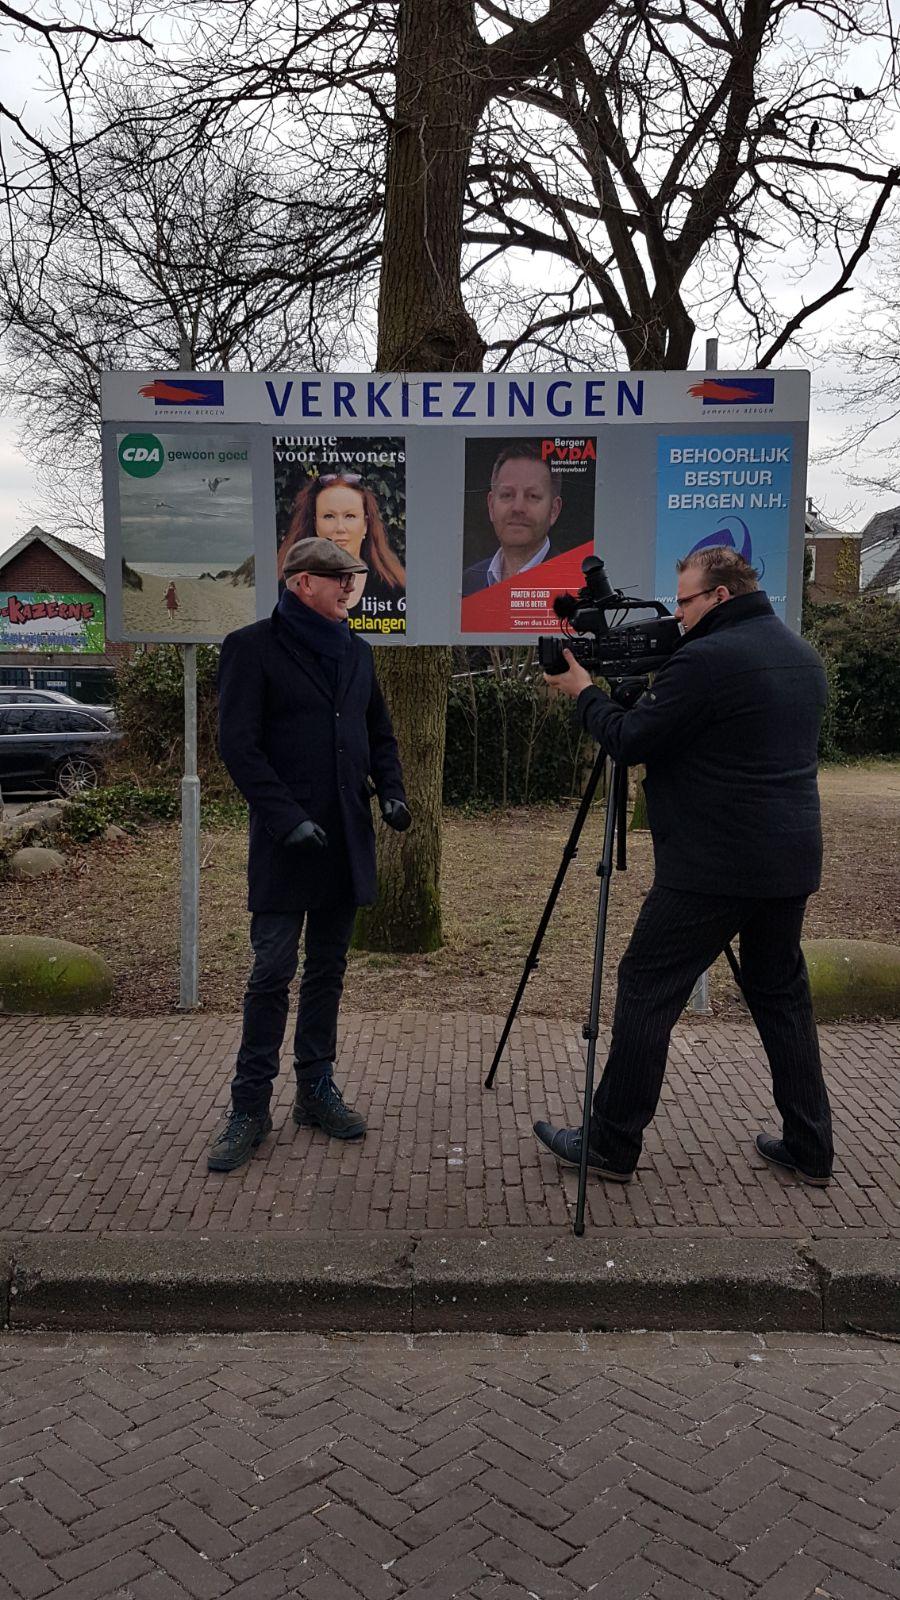 Presentator Ruud Bredewold en cameraman Nils Blom. (Foto: aangeleverd)